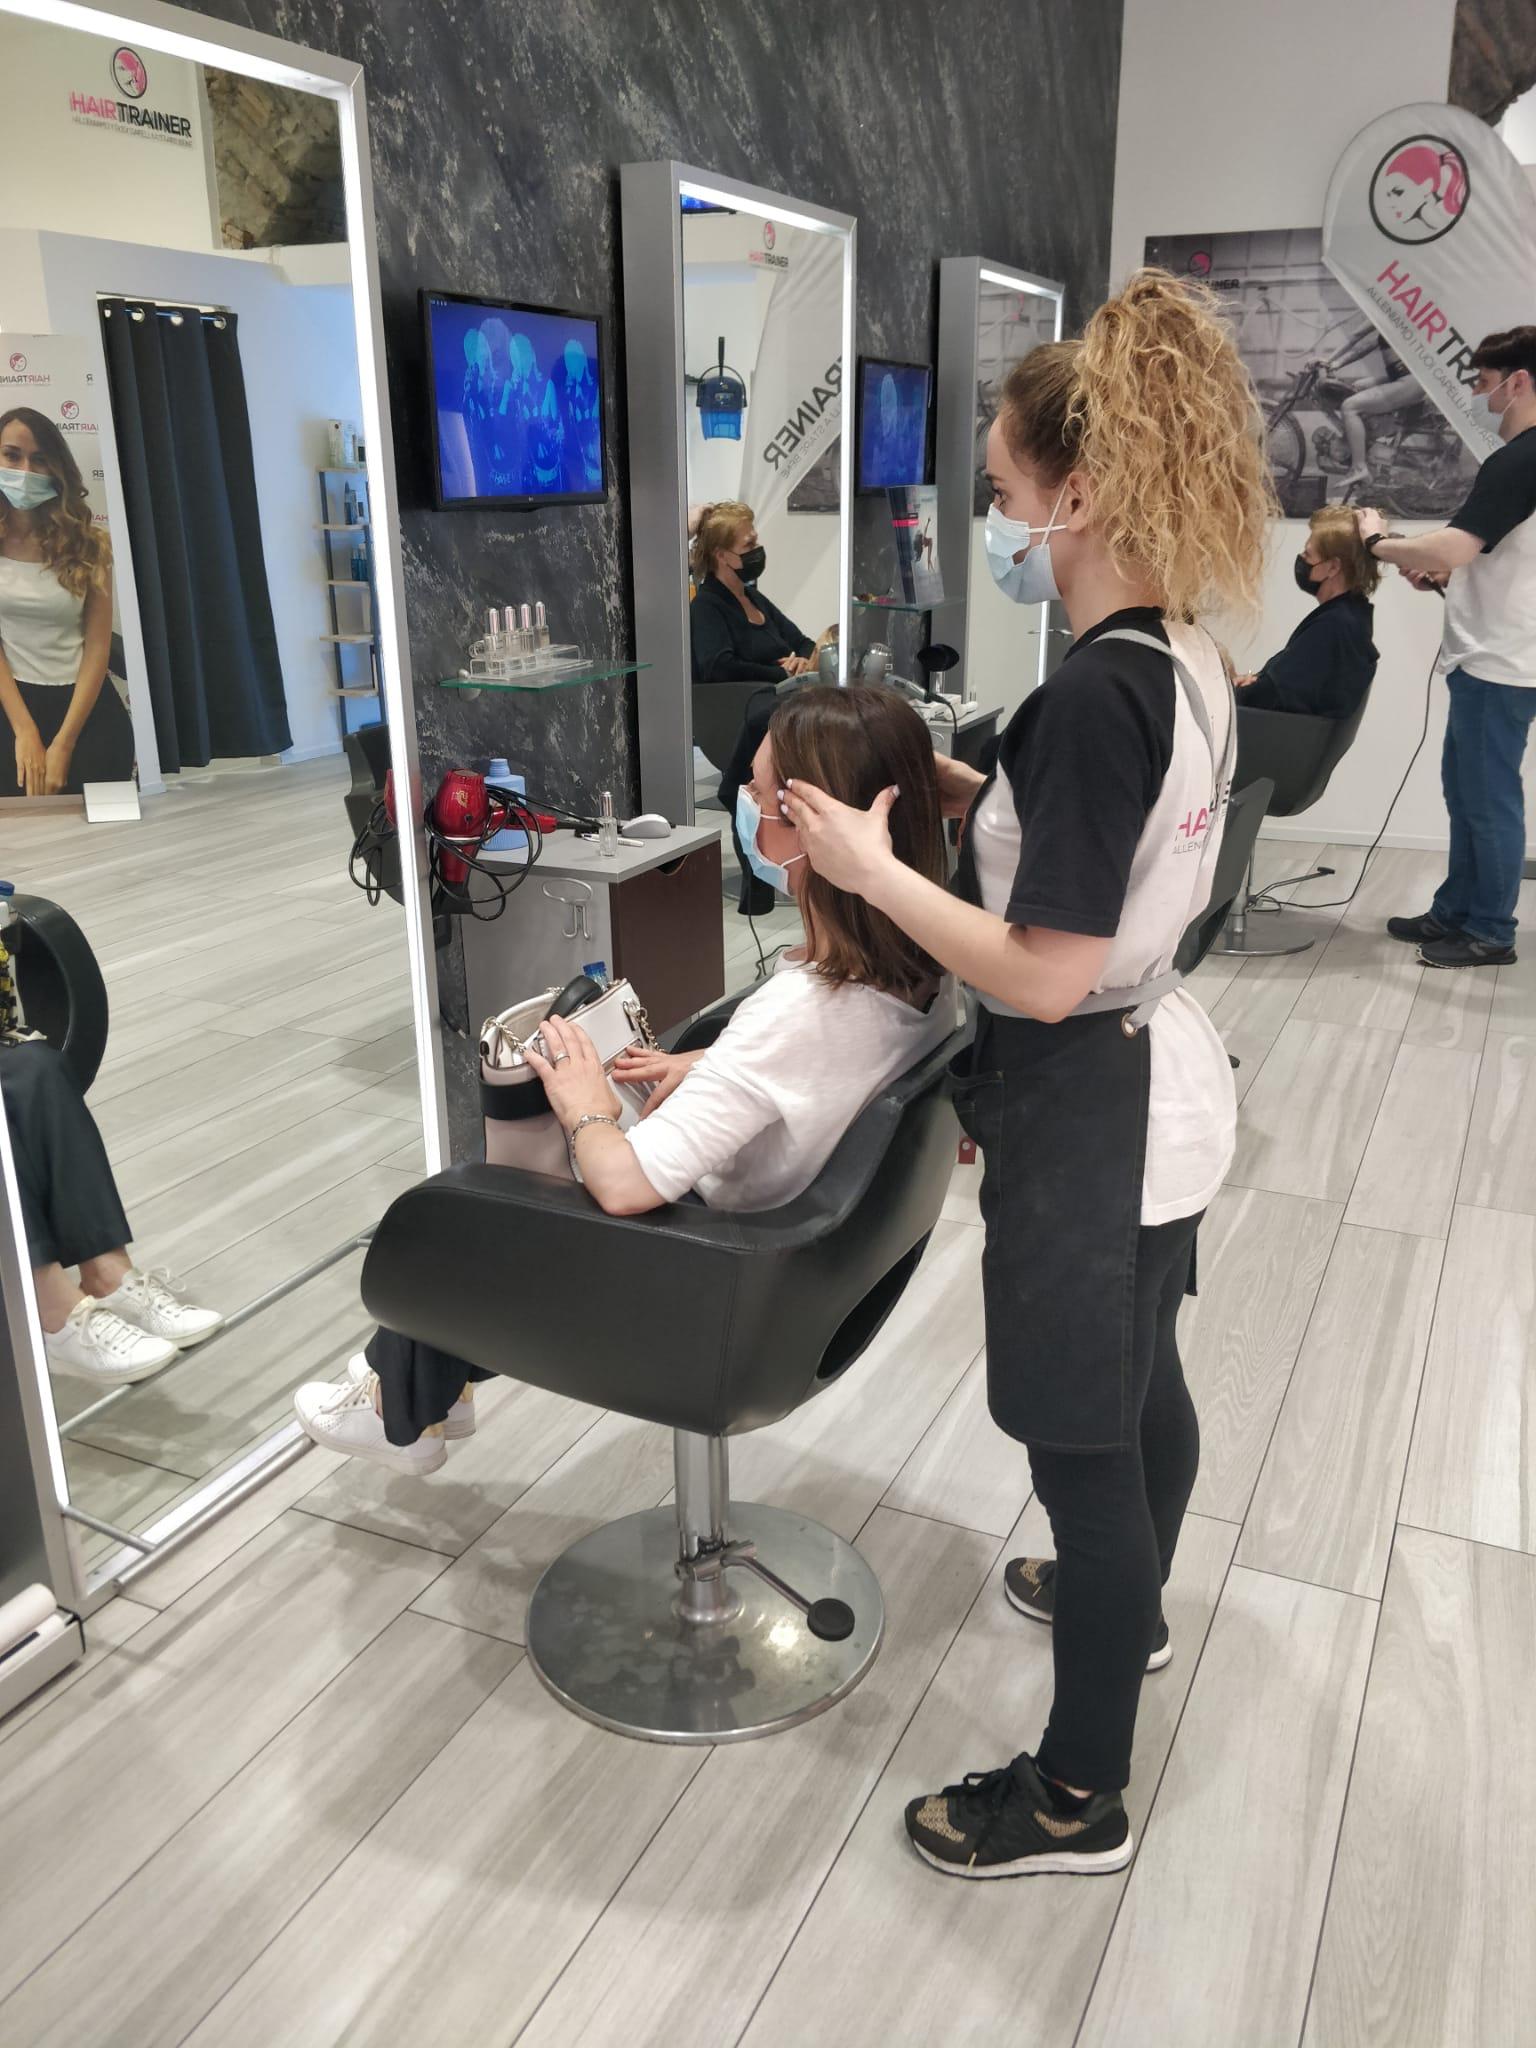 allena i tuoi capelli a stare bene